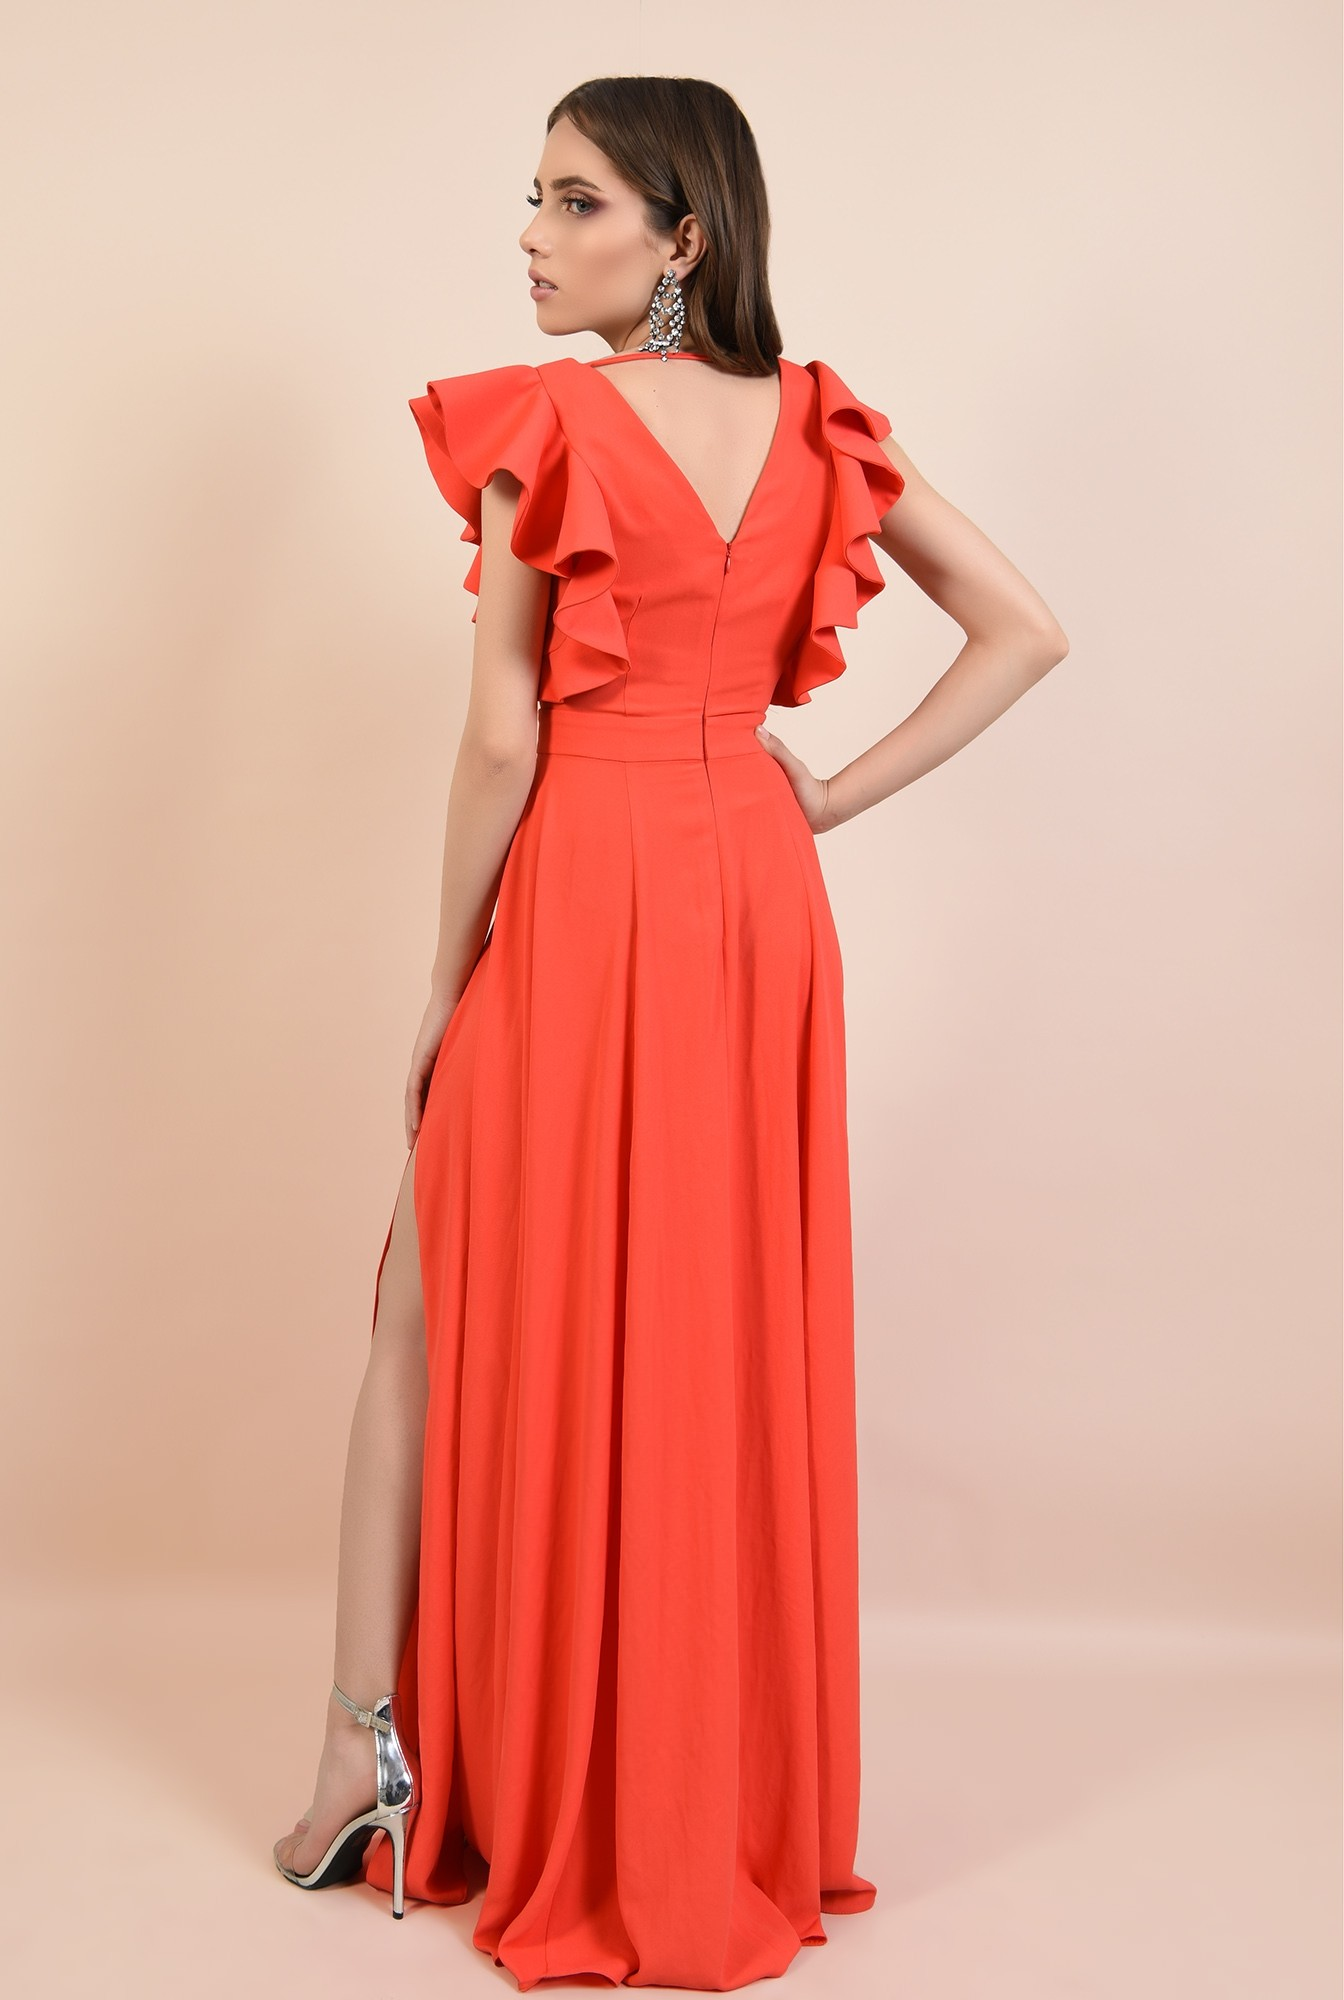 1 - rochie lunga, rosie, cu crapeu, cu volane la maneci, Poema